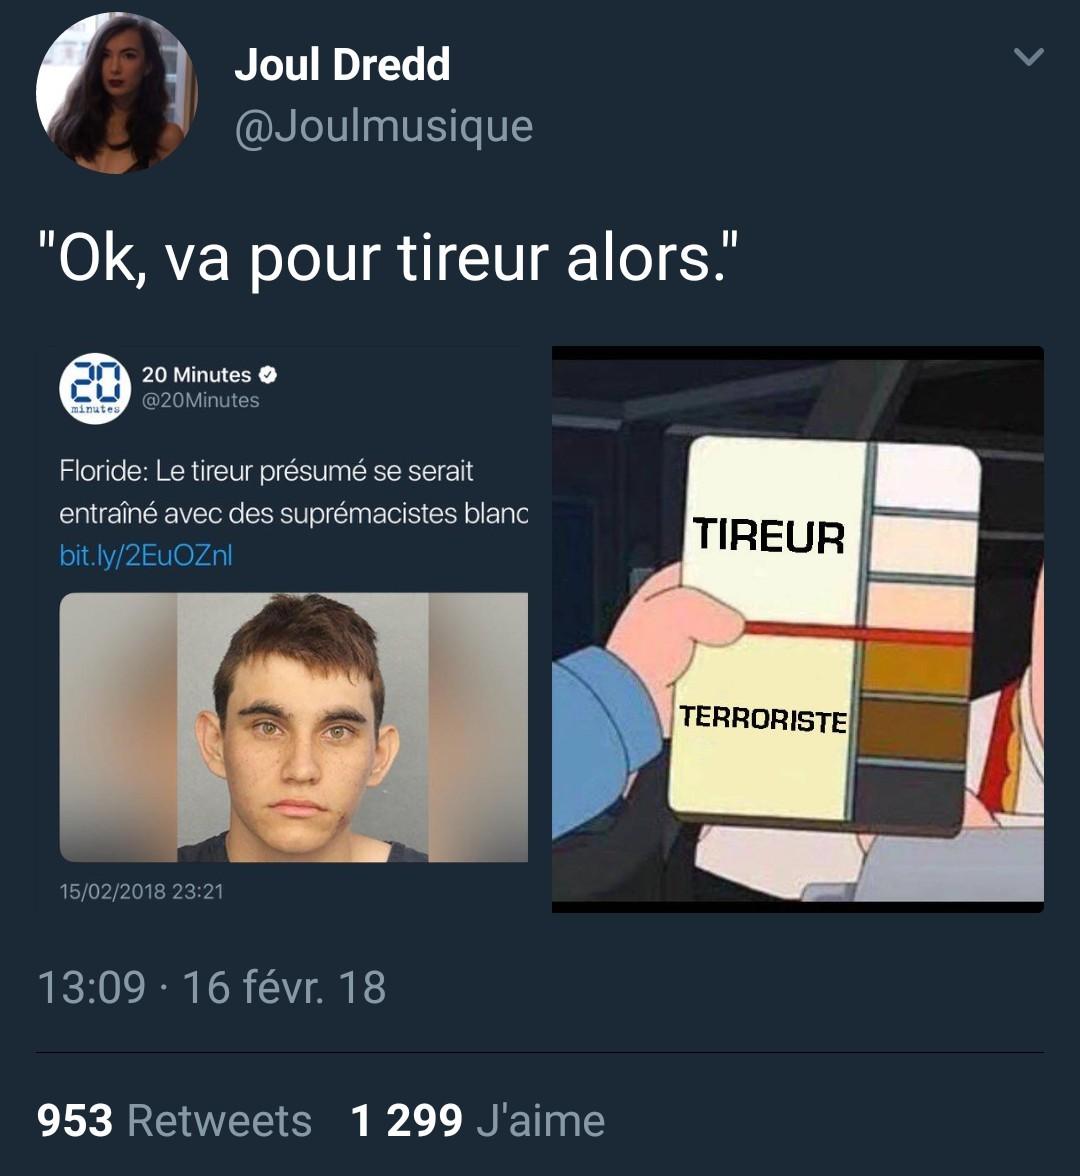 C'est pas un terroriste, il est juste un peu déranger - meme